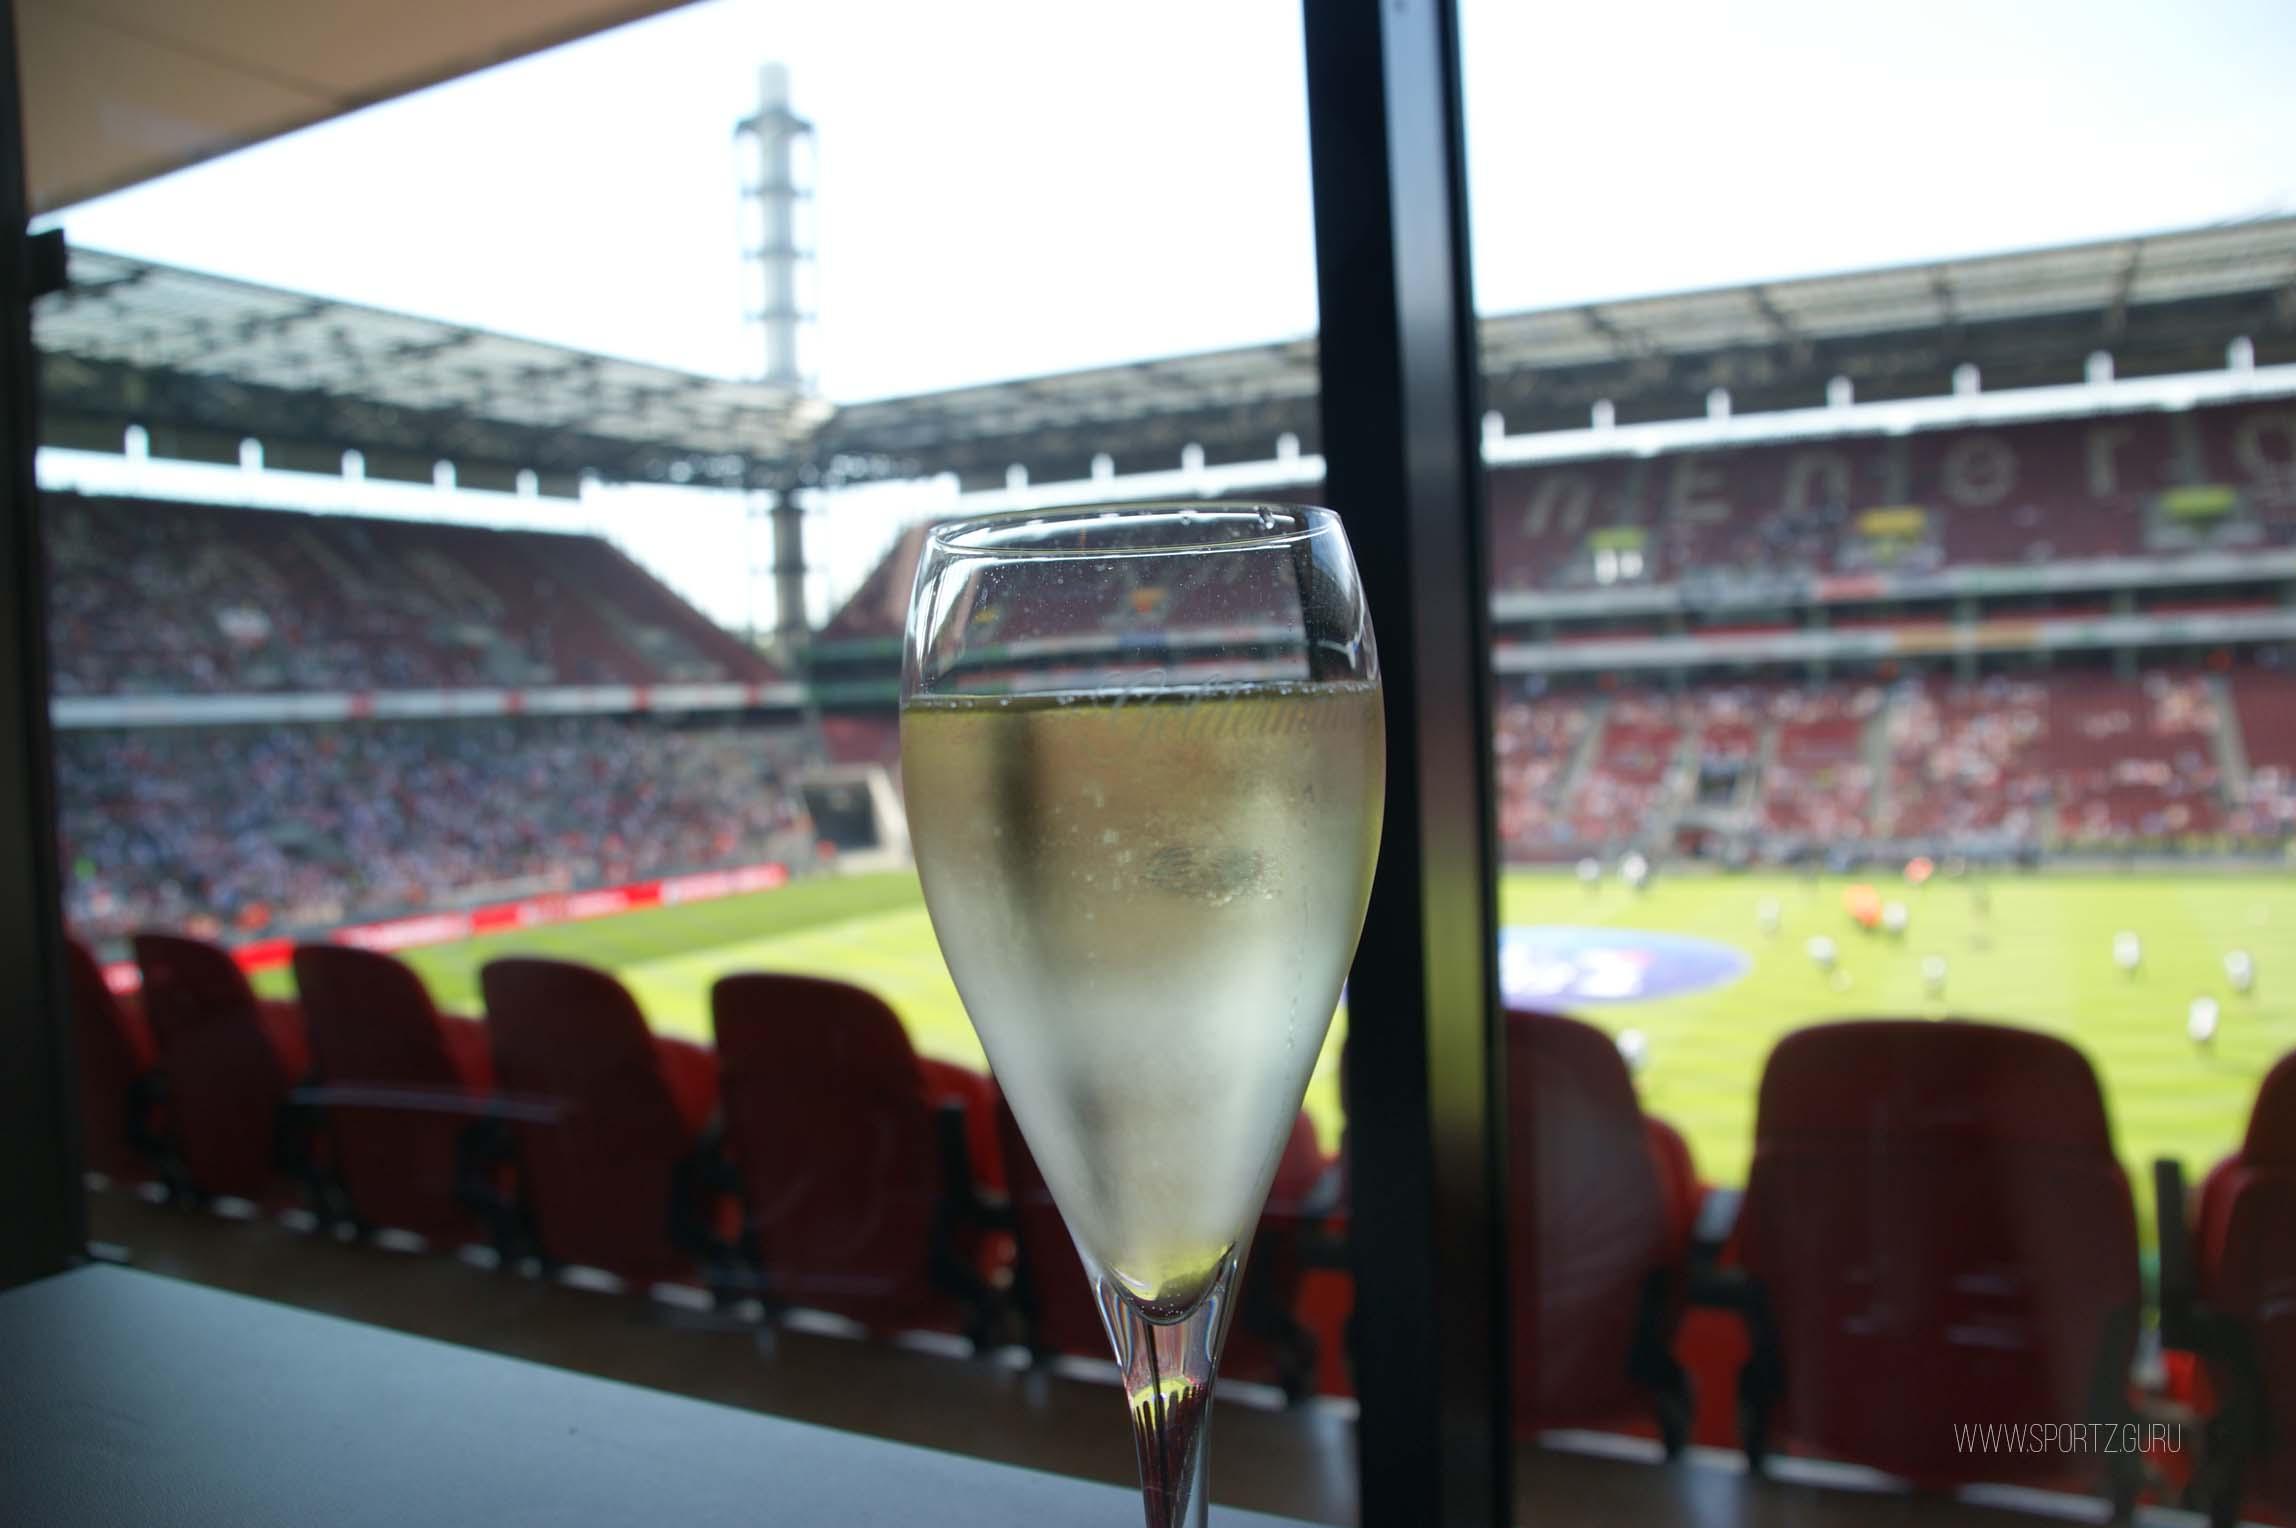 Sportz Guru - Sport Hospitality Ticket